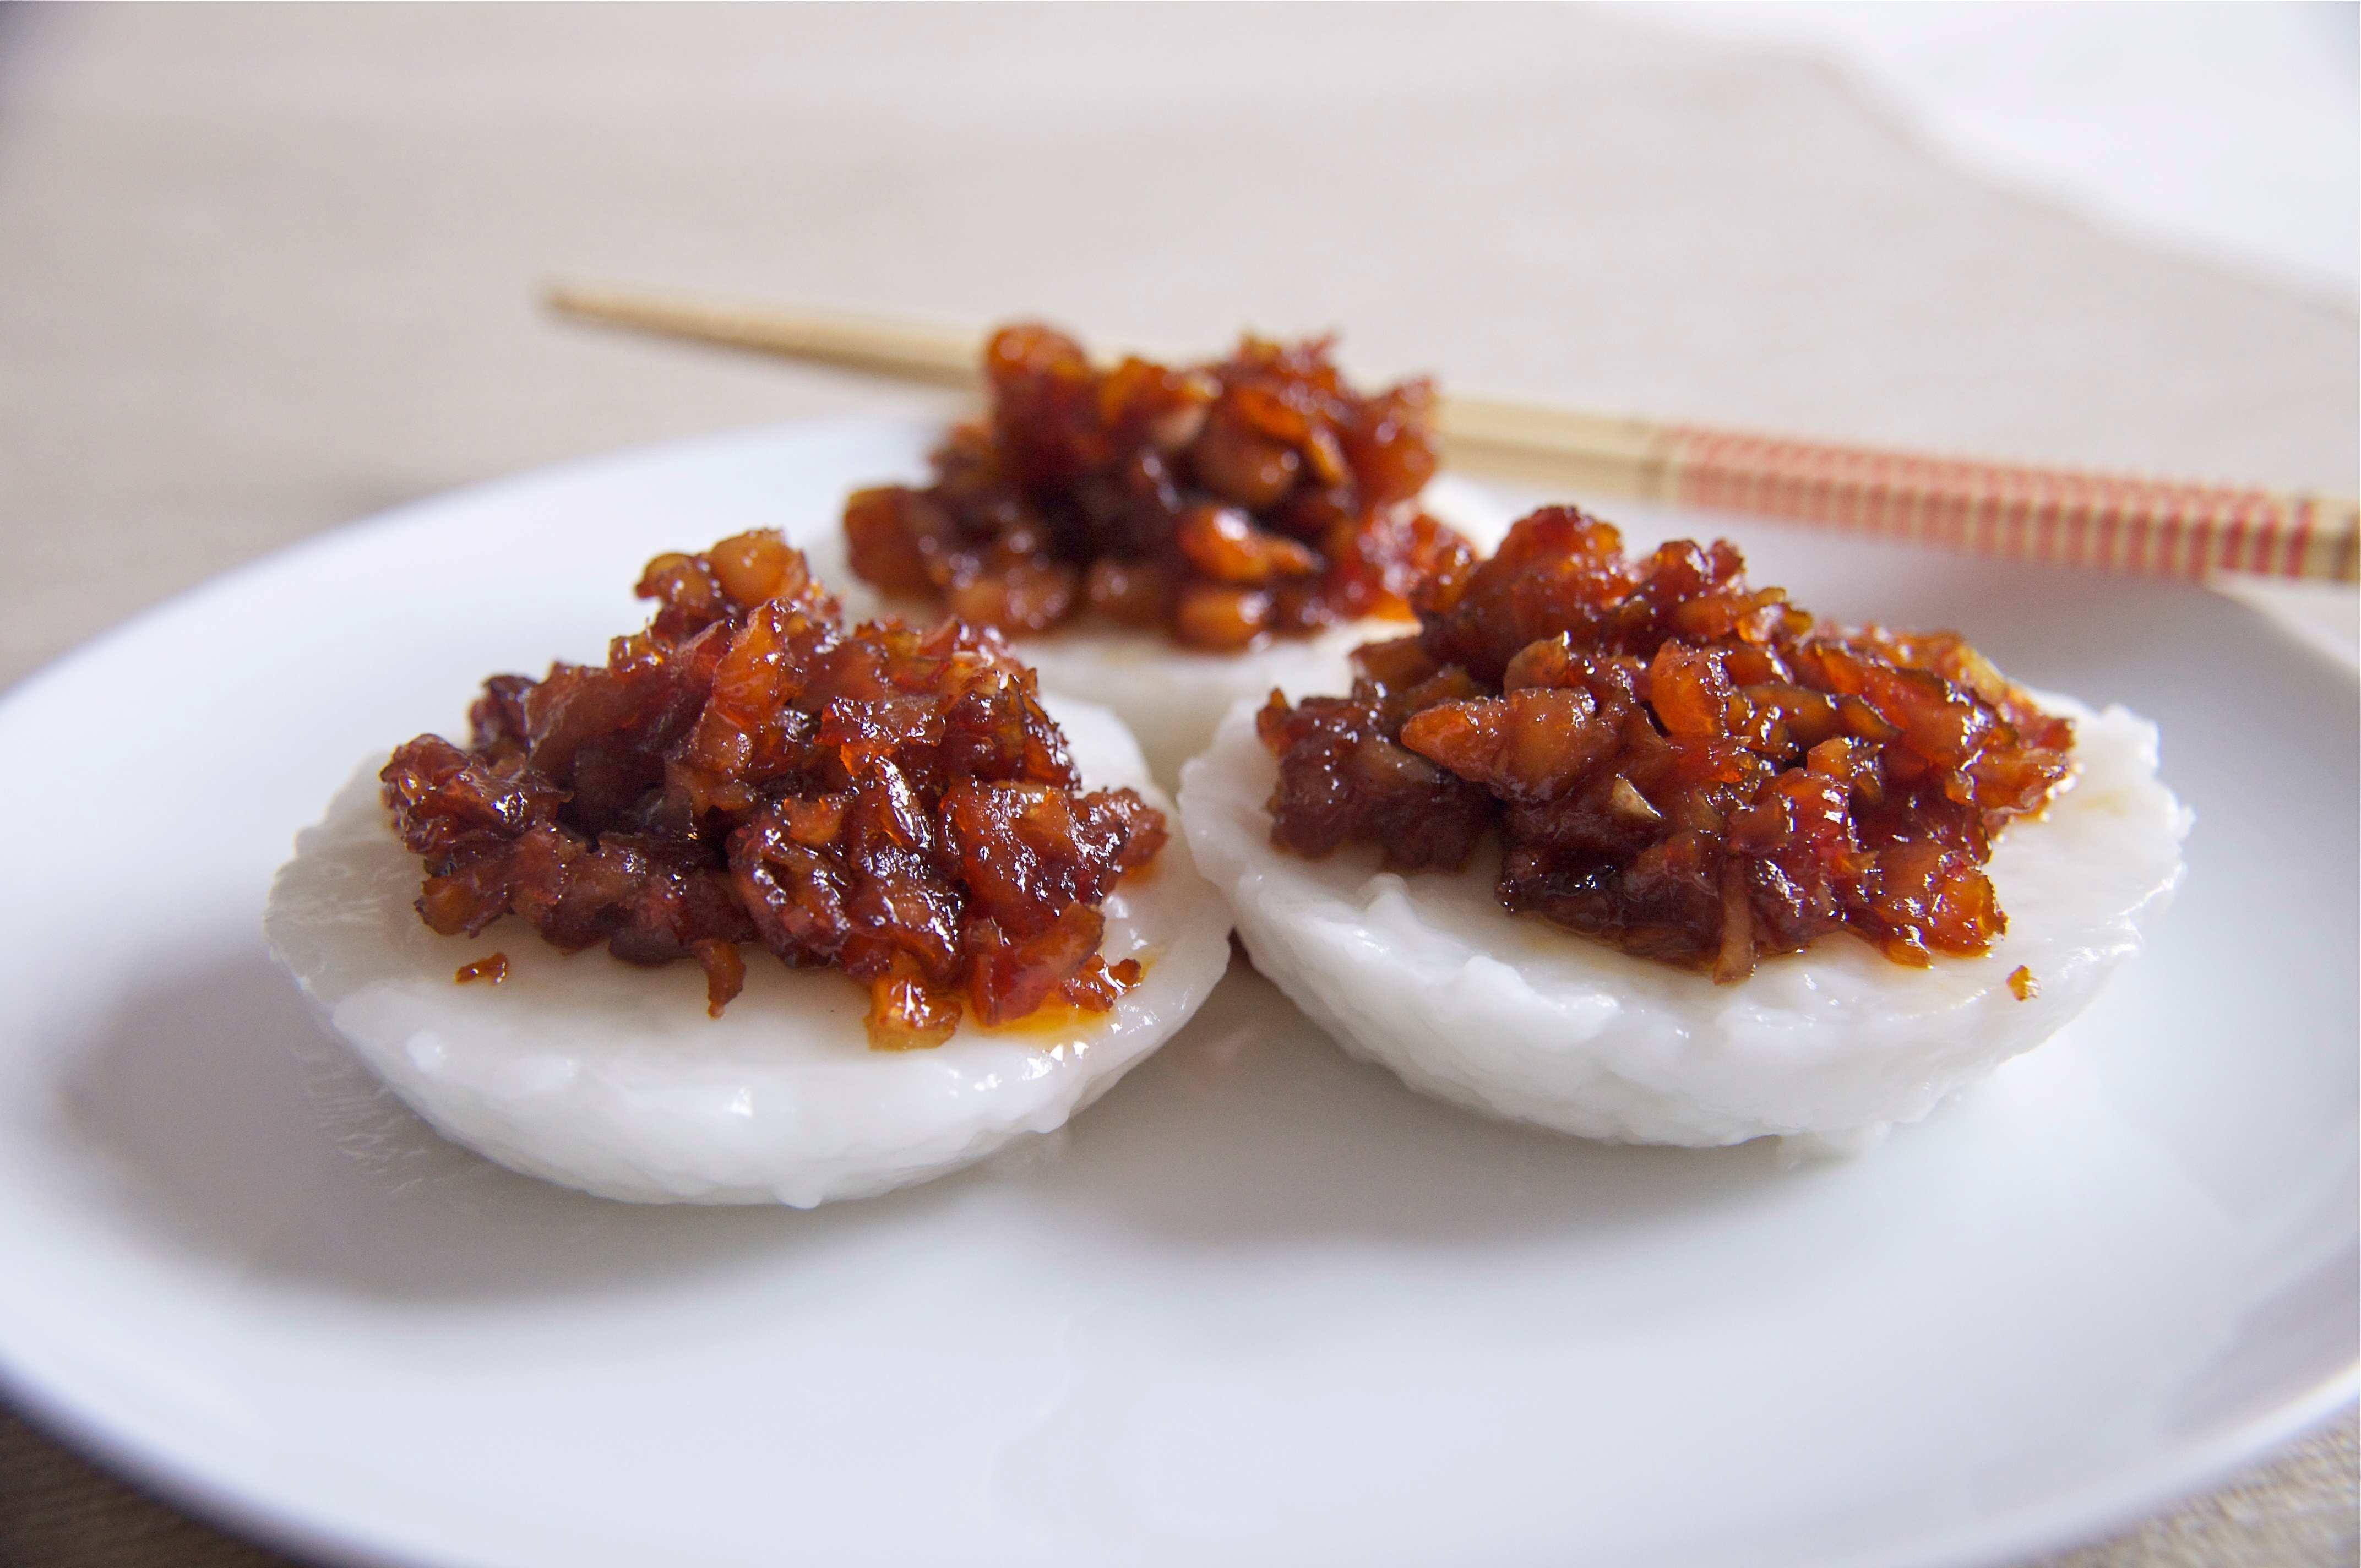 Chwee Kueh là món ăn vặt singapore rất đậm đà